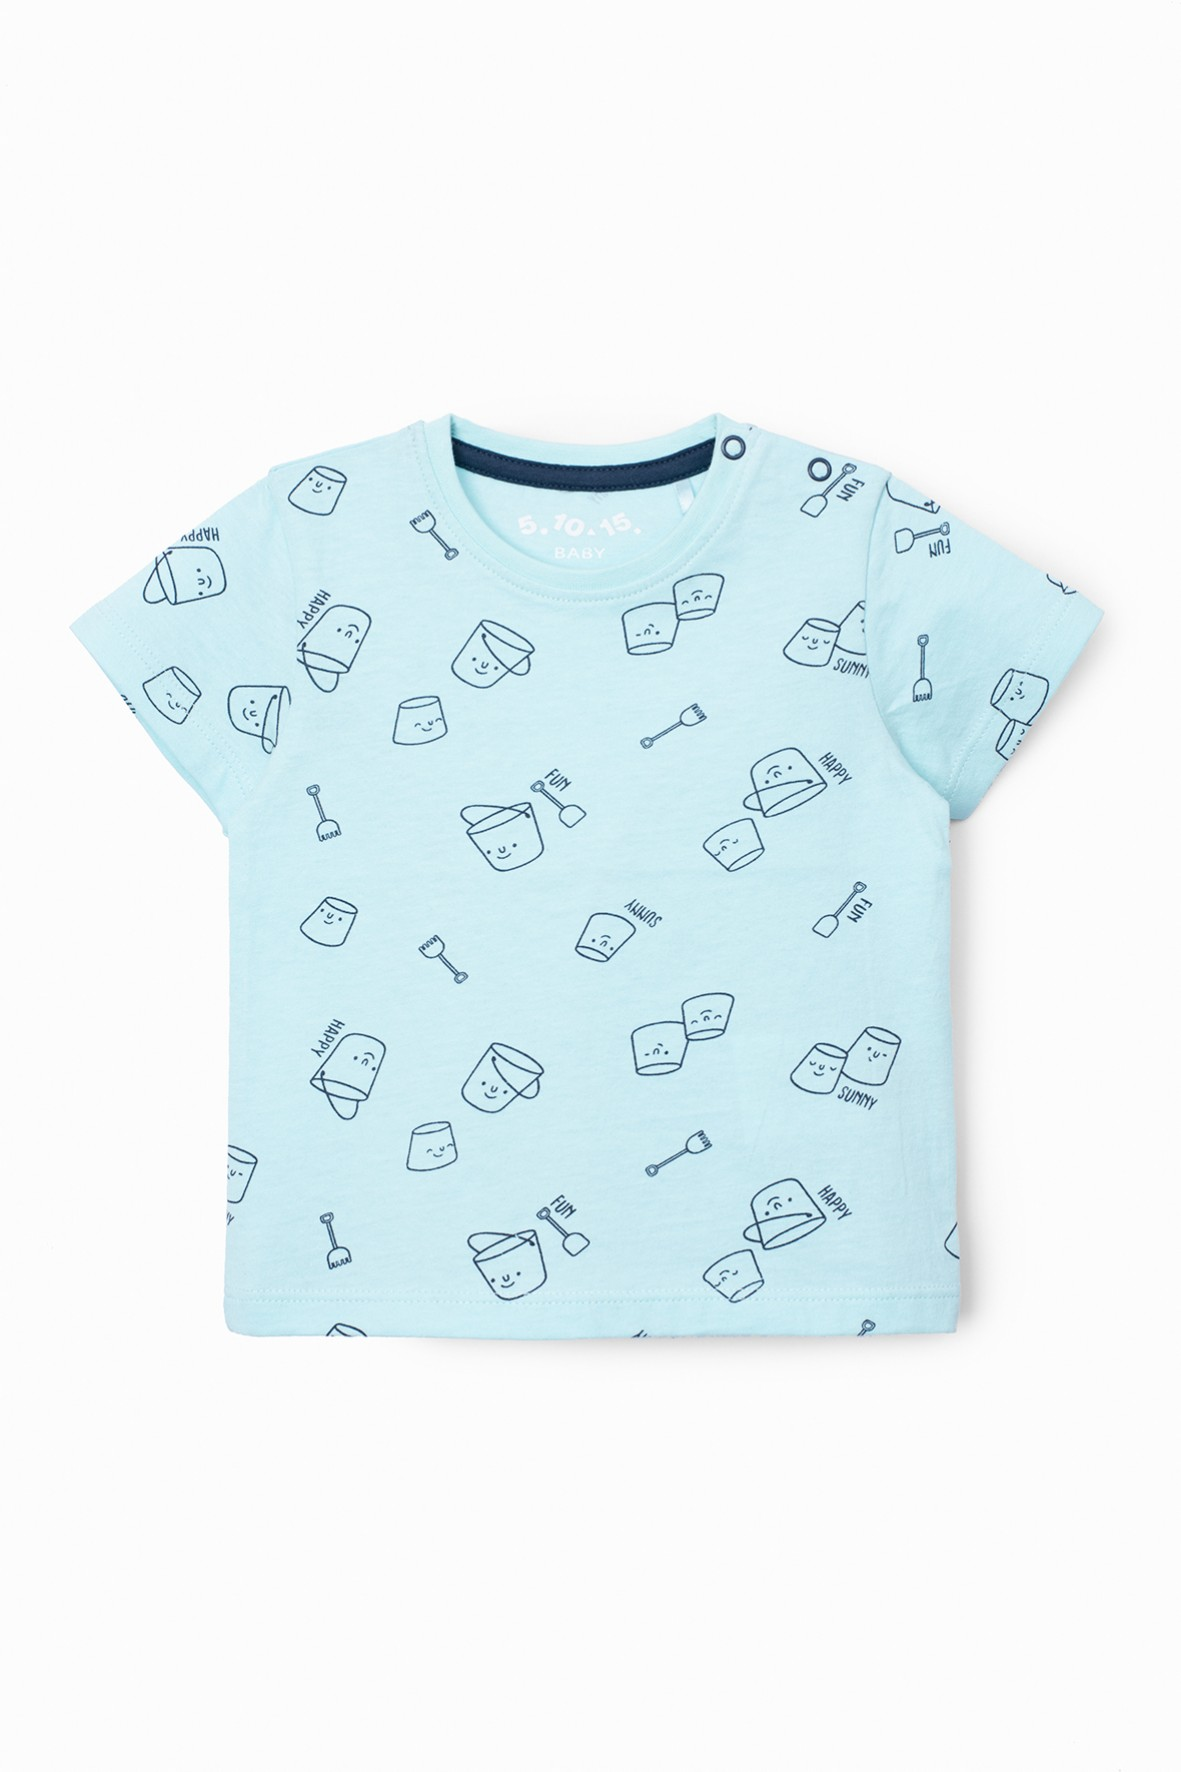 T-shirt niemowlęcy w kolorze niebieskim -100% bawełna